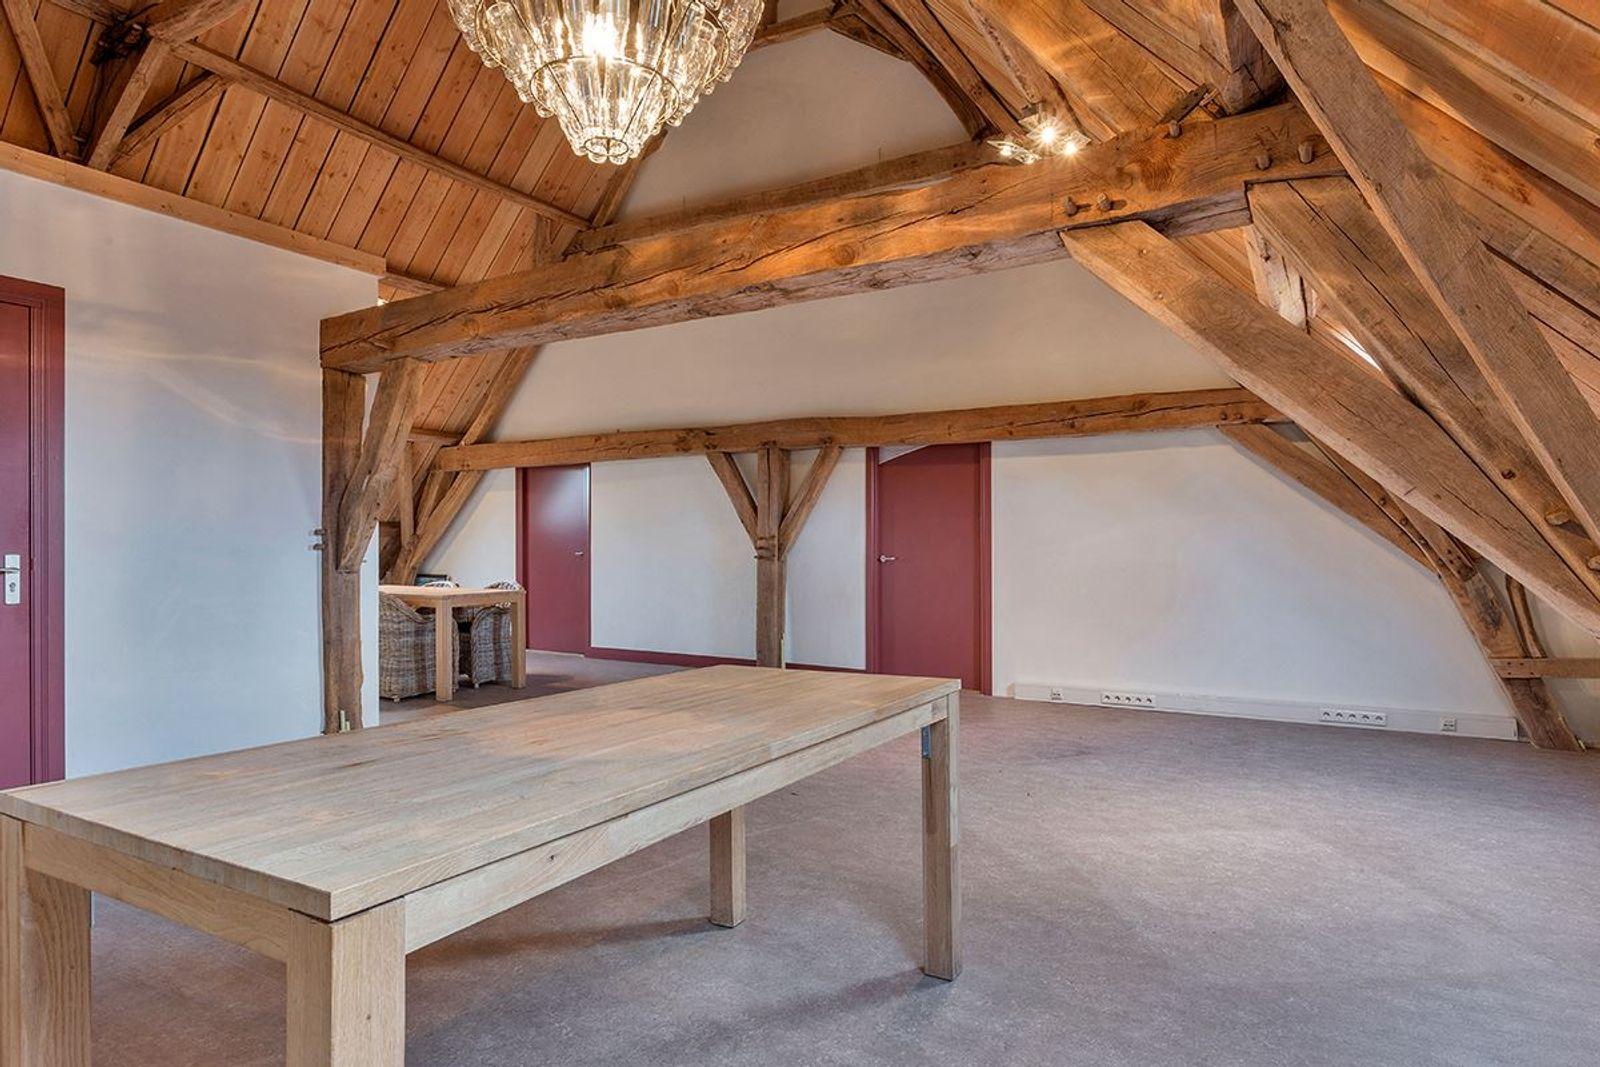 Deze schitterende monumentale langgevelboerderij is gelegen op een unieke top locatie in Natuurgebied -De Moeren- op een perceel van 2.855 m². De prachtige omgeving biedt vele mogelijkheden voor de ware natuurliefhebber.  Kortom, een heerlijke woon– en werk locatie!   De gerenoveerde boerderij, welke zijn authentieke karakters heeft behouden, is opgesplitst in een tweetal woonruimten en een kantoorruimte. Een mooi detail aan deze boerderij is de klokkentoren op het dak welke nog steeds functioneert. Rondom de boerderij is een tuin aangelegd met een zeer royale parkeerplaats en uitzicht  over de landerijen waardoor u elke dag geniet van de vrijheid!    Dit object is uitermate geschikt voor kantoor/praktijk/au-pair/mantelzorg aan huis! Voor meer gebruiksmogelijkheden, vraag naar de makelaar!    BEGANE GROND -  INDELING KANTOORRUIMTE Entree bereikbaar vanuit de ruime parkeerplaats en biedt toegang tot de kantoorruimte. Middels een vaste trapopgang is de 1e verdieping bereikbaar.  Afwerking- Authentieke tegelvloer, stucwerk wanden en een houten balken plafond.   De kantoorruimte is in 2007 volledig gerenoveerd en voldoet aan alle eisen die men van een modern gebouw mag verwachten. De ruimte is multifunctioneel inzetbaar en voorzien van een keukenblok en meterkast. Vanuit deze ruimte heeft men rechtstreeks toegang naar buiten maar ook naar een portaal. Afwerking- Beton designvloer met vloerverwarming, stucwerk wanden en een houten balken plafond.   Portaal met toegang tot een dubbele vaste kast met opstelling van twee cv- combiketels.  Afwerking- Plavuizen vloer met vloerverwarming en stucwerk wanden.   Toilet-/doucheruimte met inloopdouche, wastafel en een -zwevend- closet. Afwerking- Antieke tegelvloer, deels betegelde en deels stucwerk wanden. Het plafond is afgewerkt met  stucwerk.   Kantine voorzien van een pantry met vaatwasser, spoelbak en koelkast. Vanuit deze ruimte heeft men rechtstreeks toegang naar buiten en is middels een vaste trapopgang de 1e verdieping te